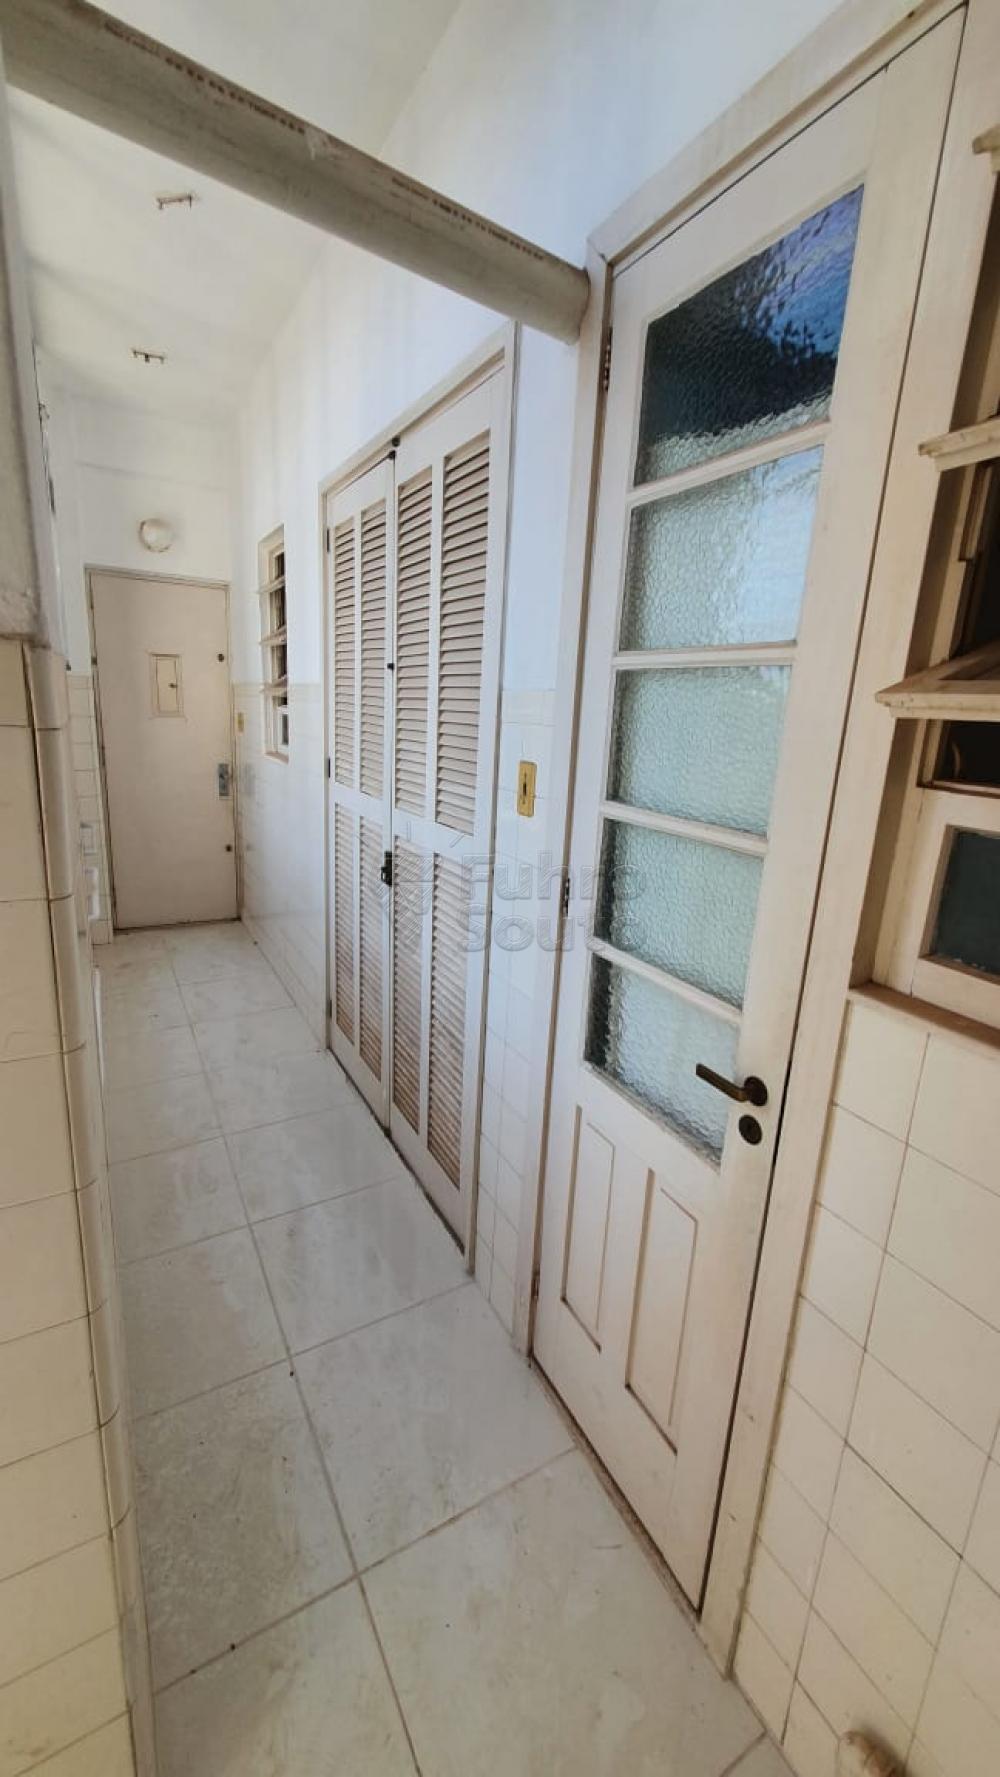 Comprar Apartamento / Padrão em Pelotas R$ 420.000,00 - Foto 22